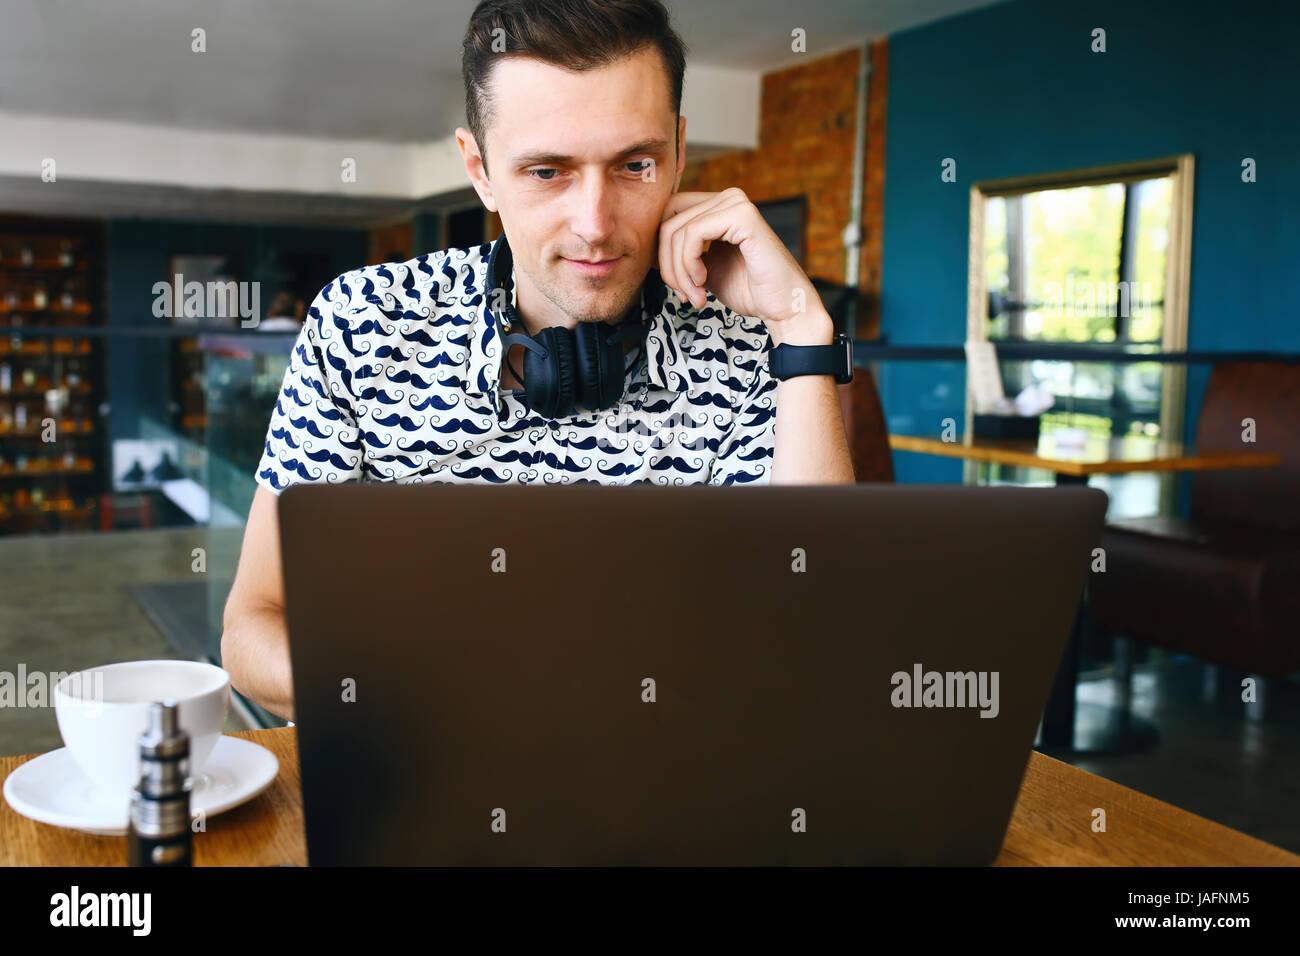 Attraktiven männlicher Arbeitnehmer nutzt Computer in cafeteria Stockbild